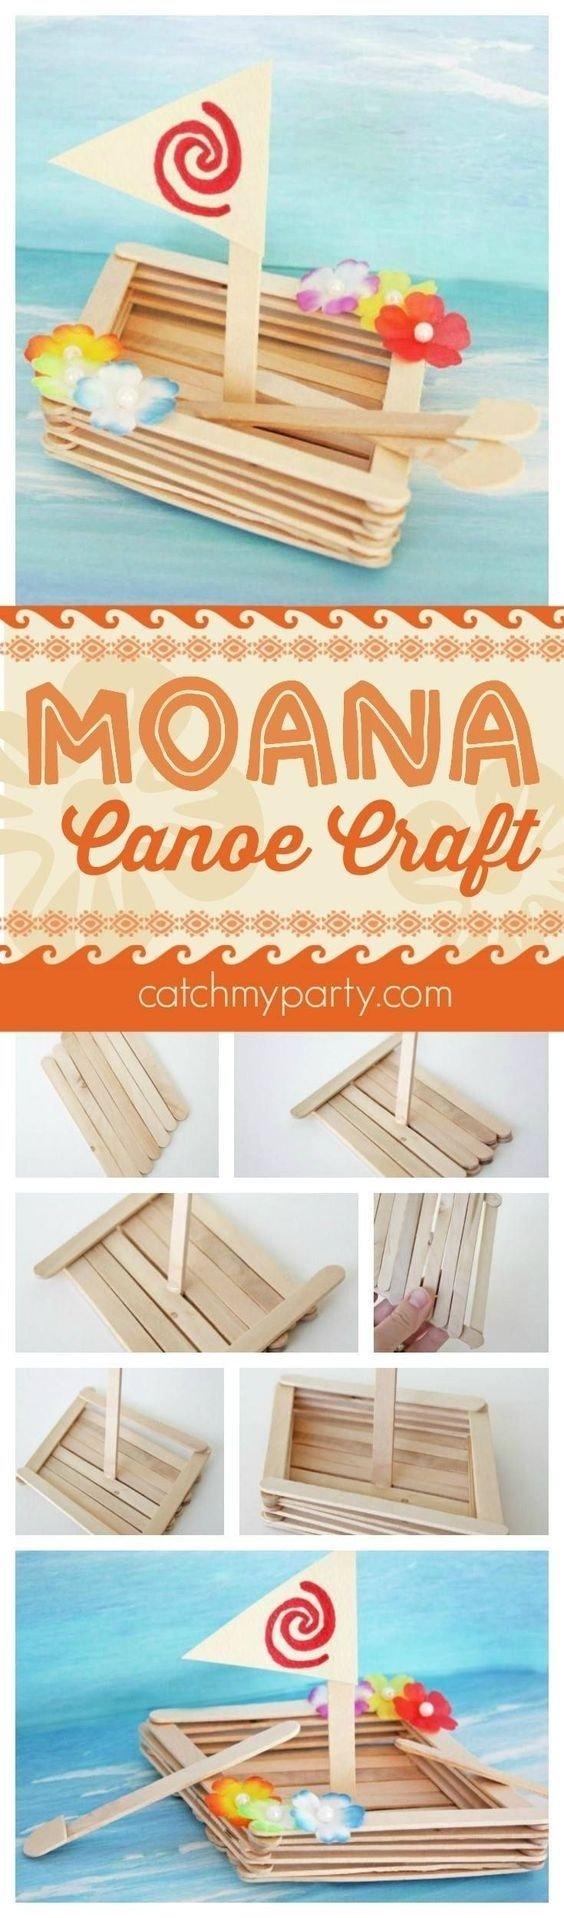 10 Most Popular Rainy Day Birthday Party Ideas fun moana canoe craft perfect for a moana birthday party activity 2021